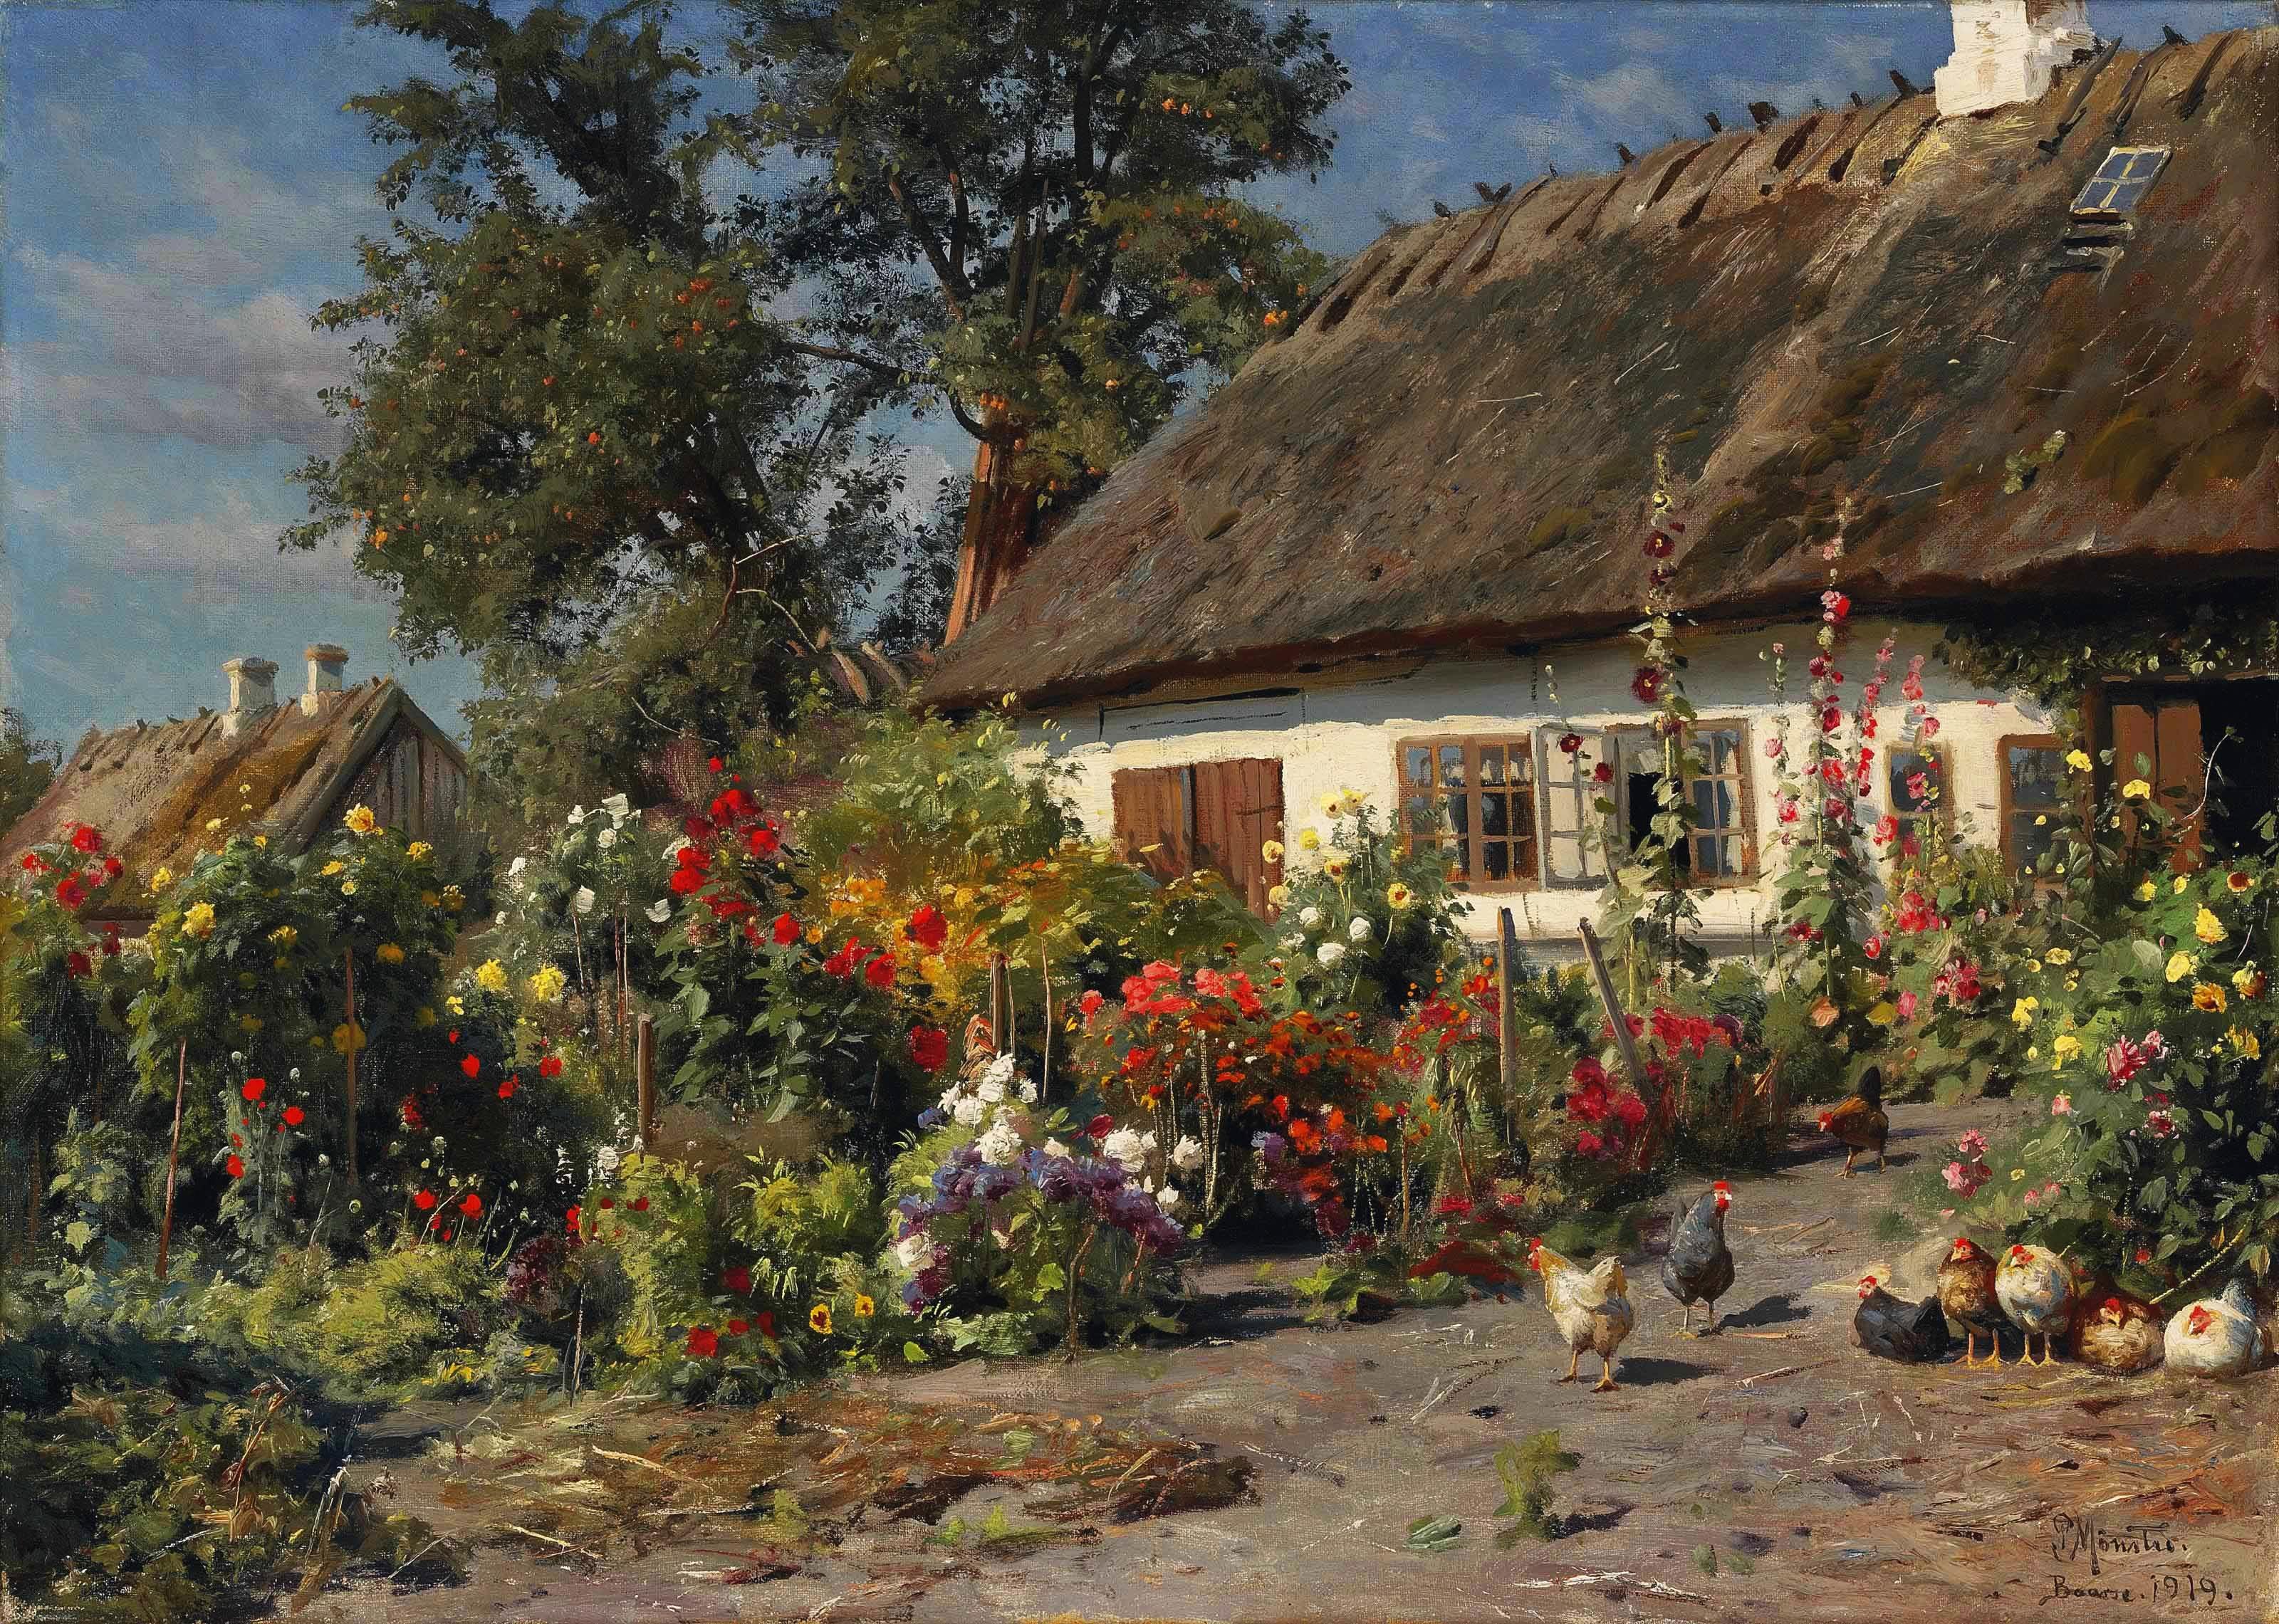 красивые картины русских художников фото высокого разрешения вас остались